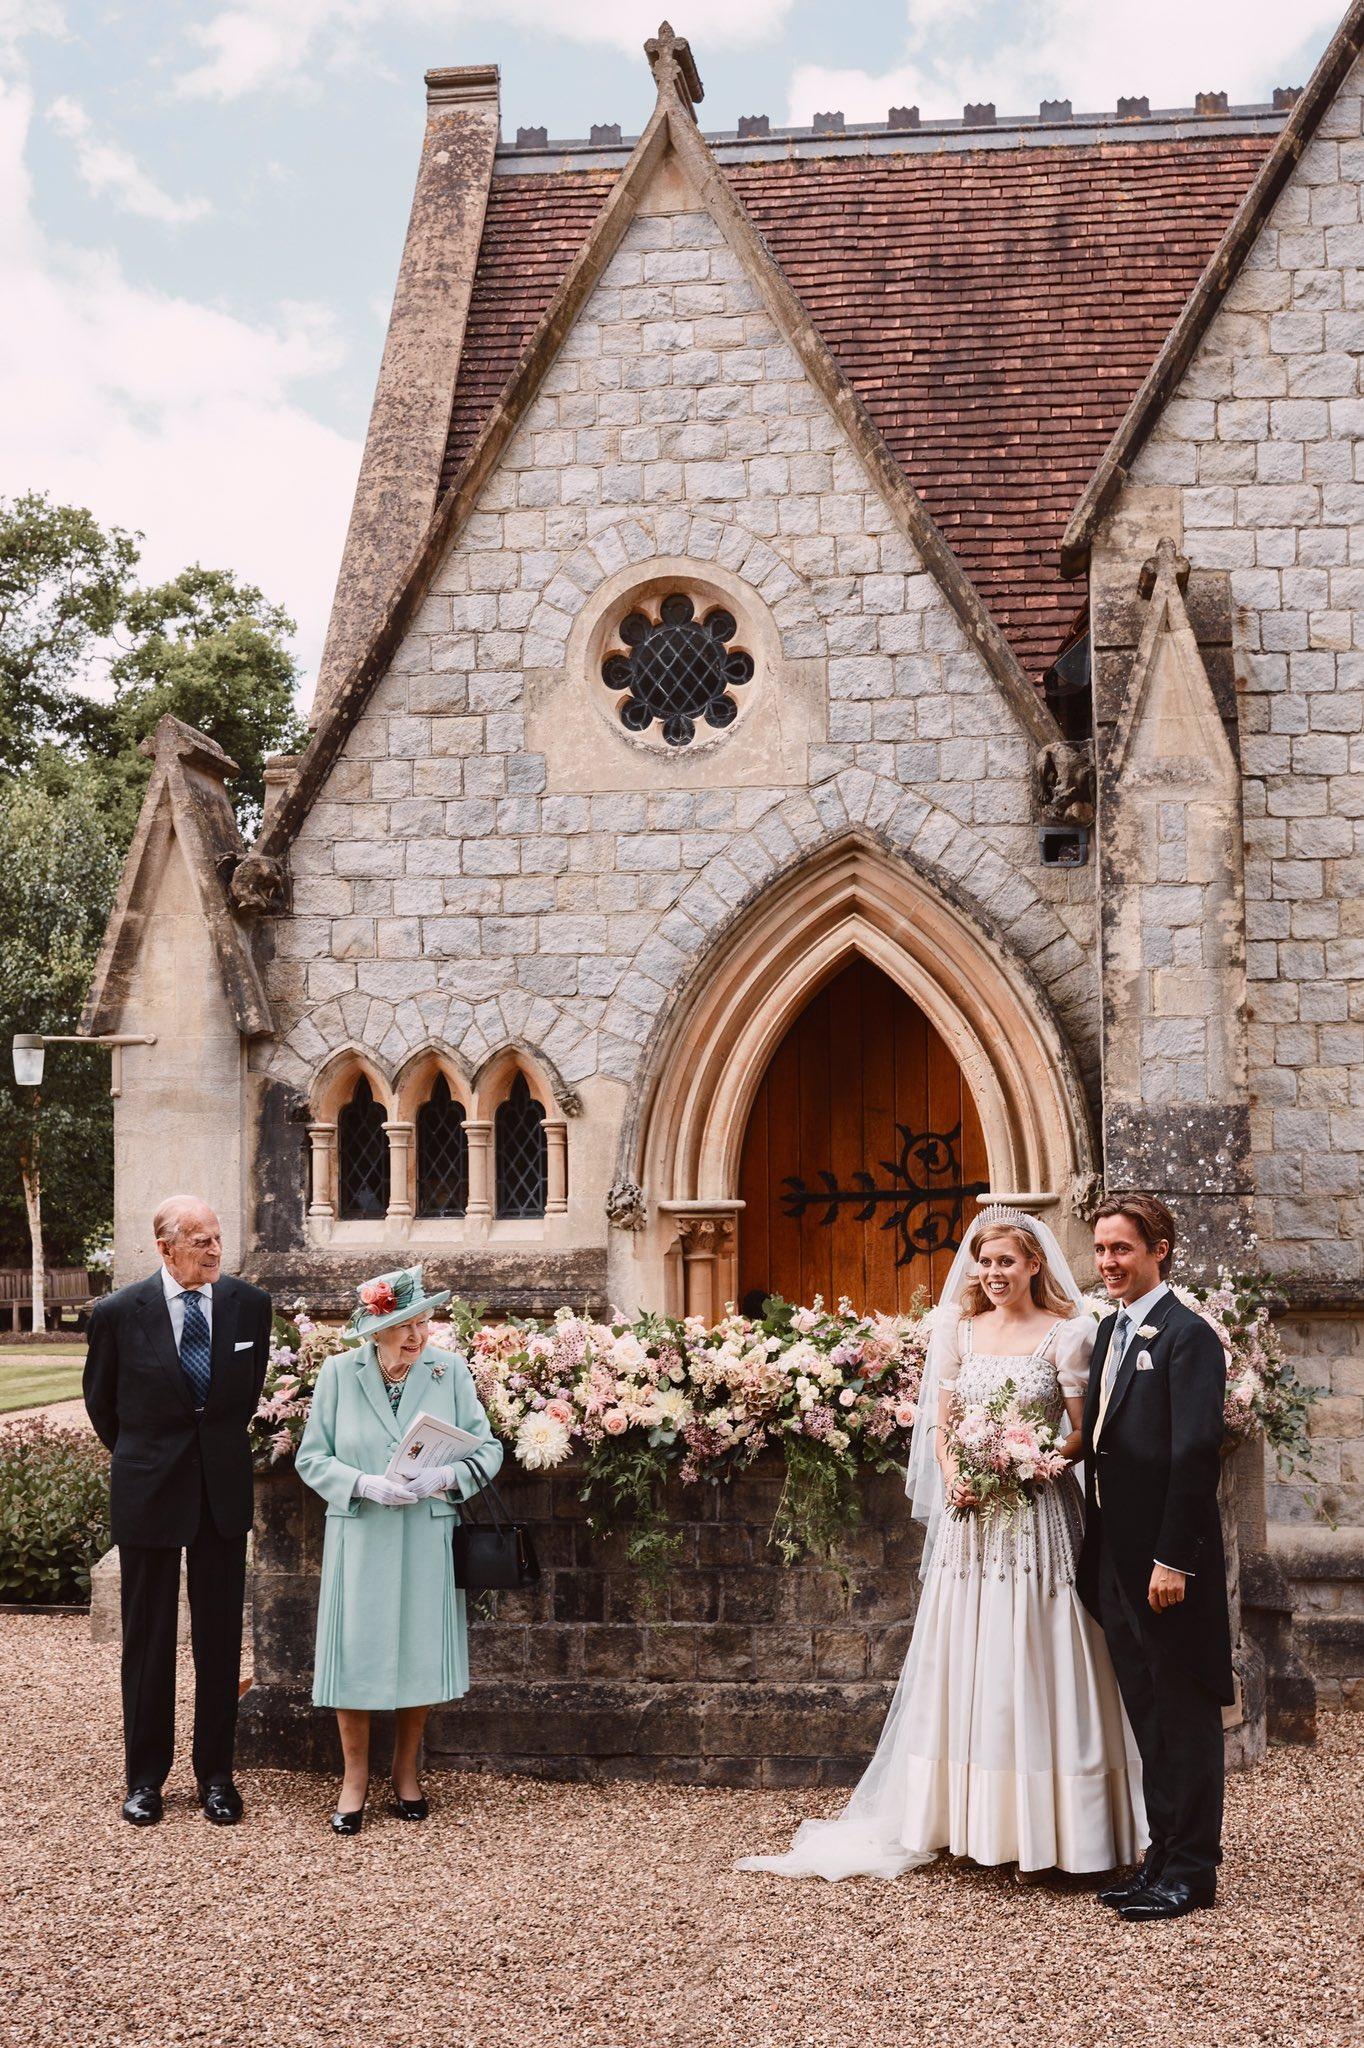 Công chúa Beatrice mặc váy cưới cổ điển